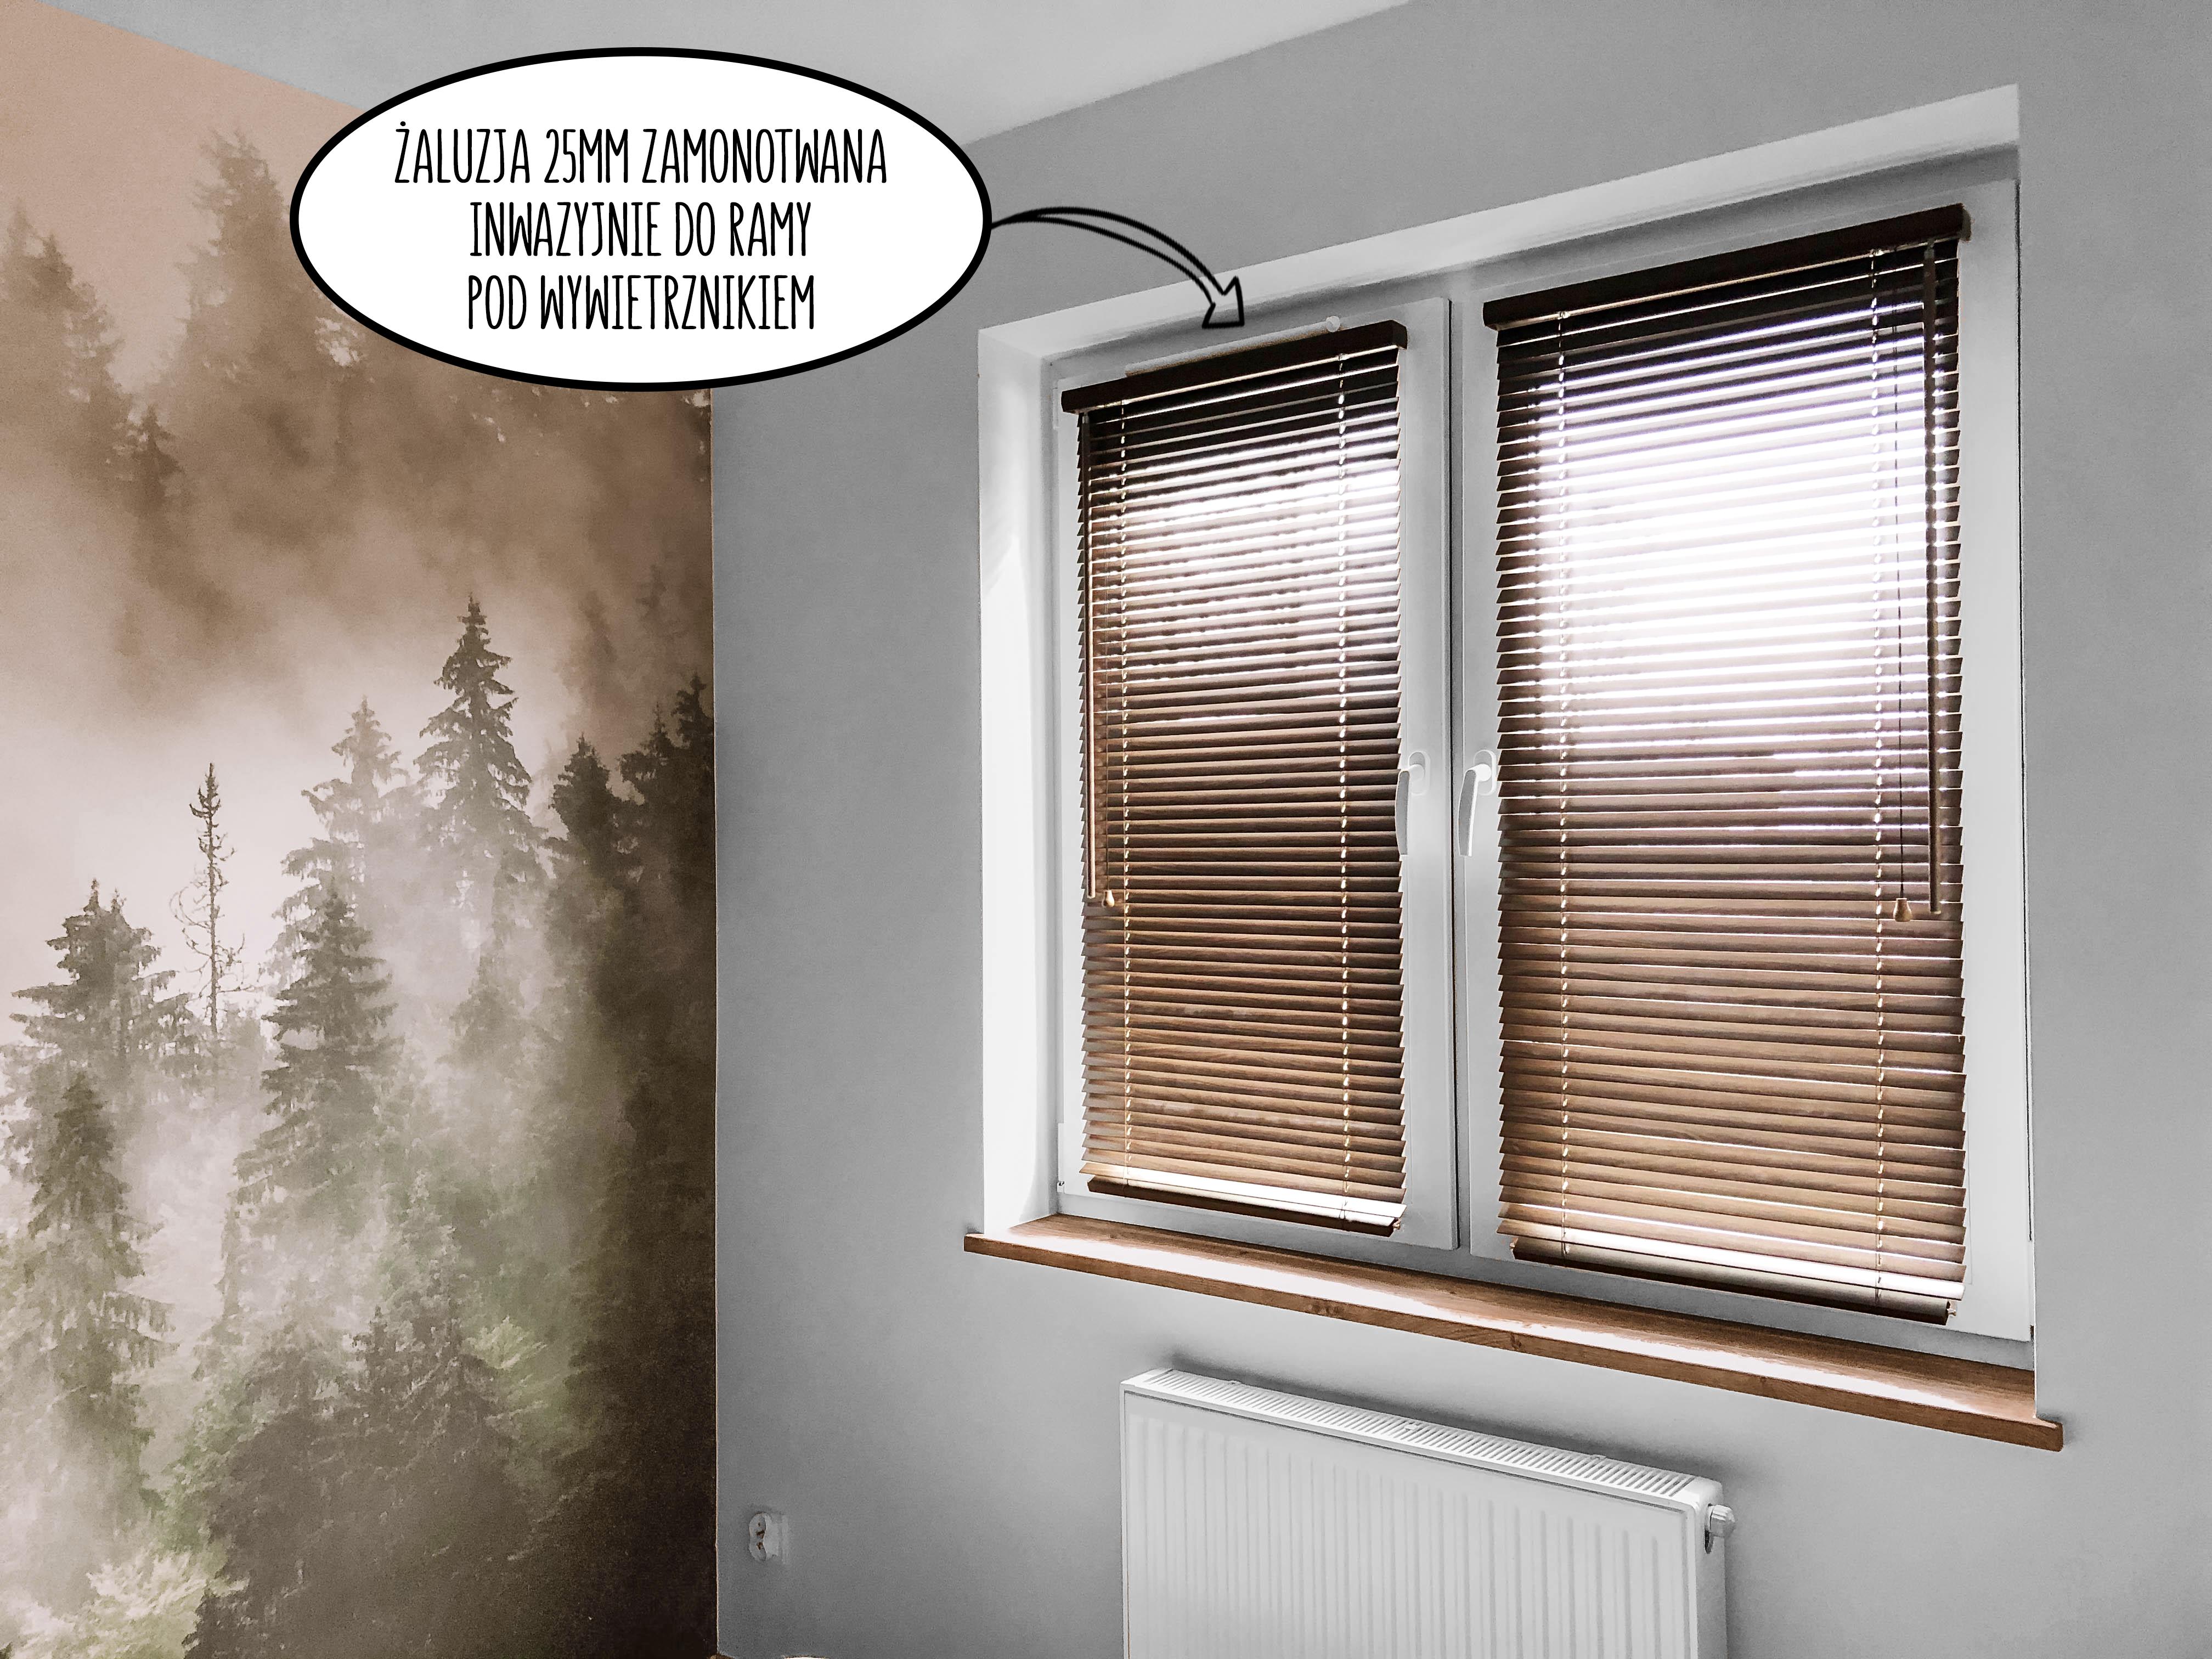 zaluzje na oknie z wywietrznikiem